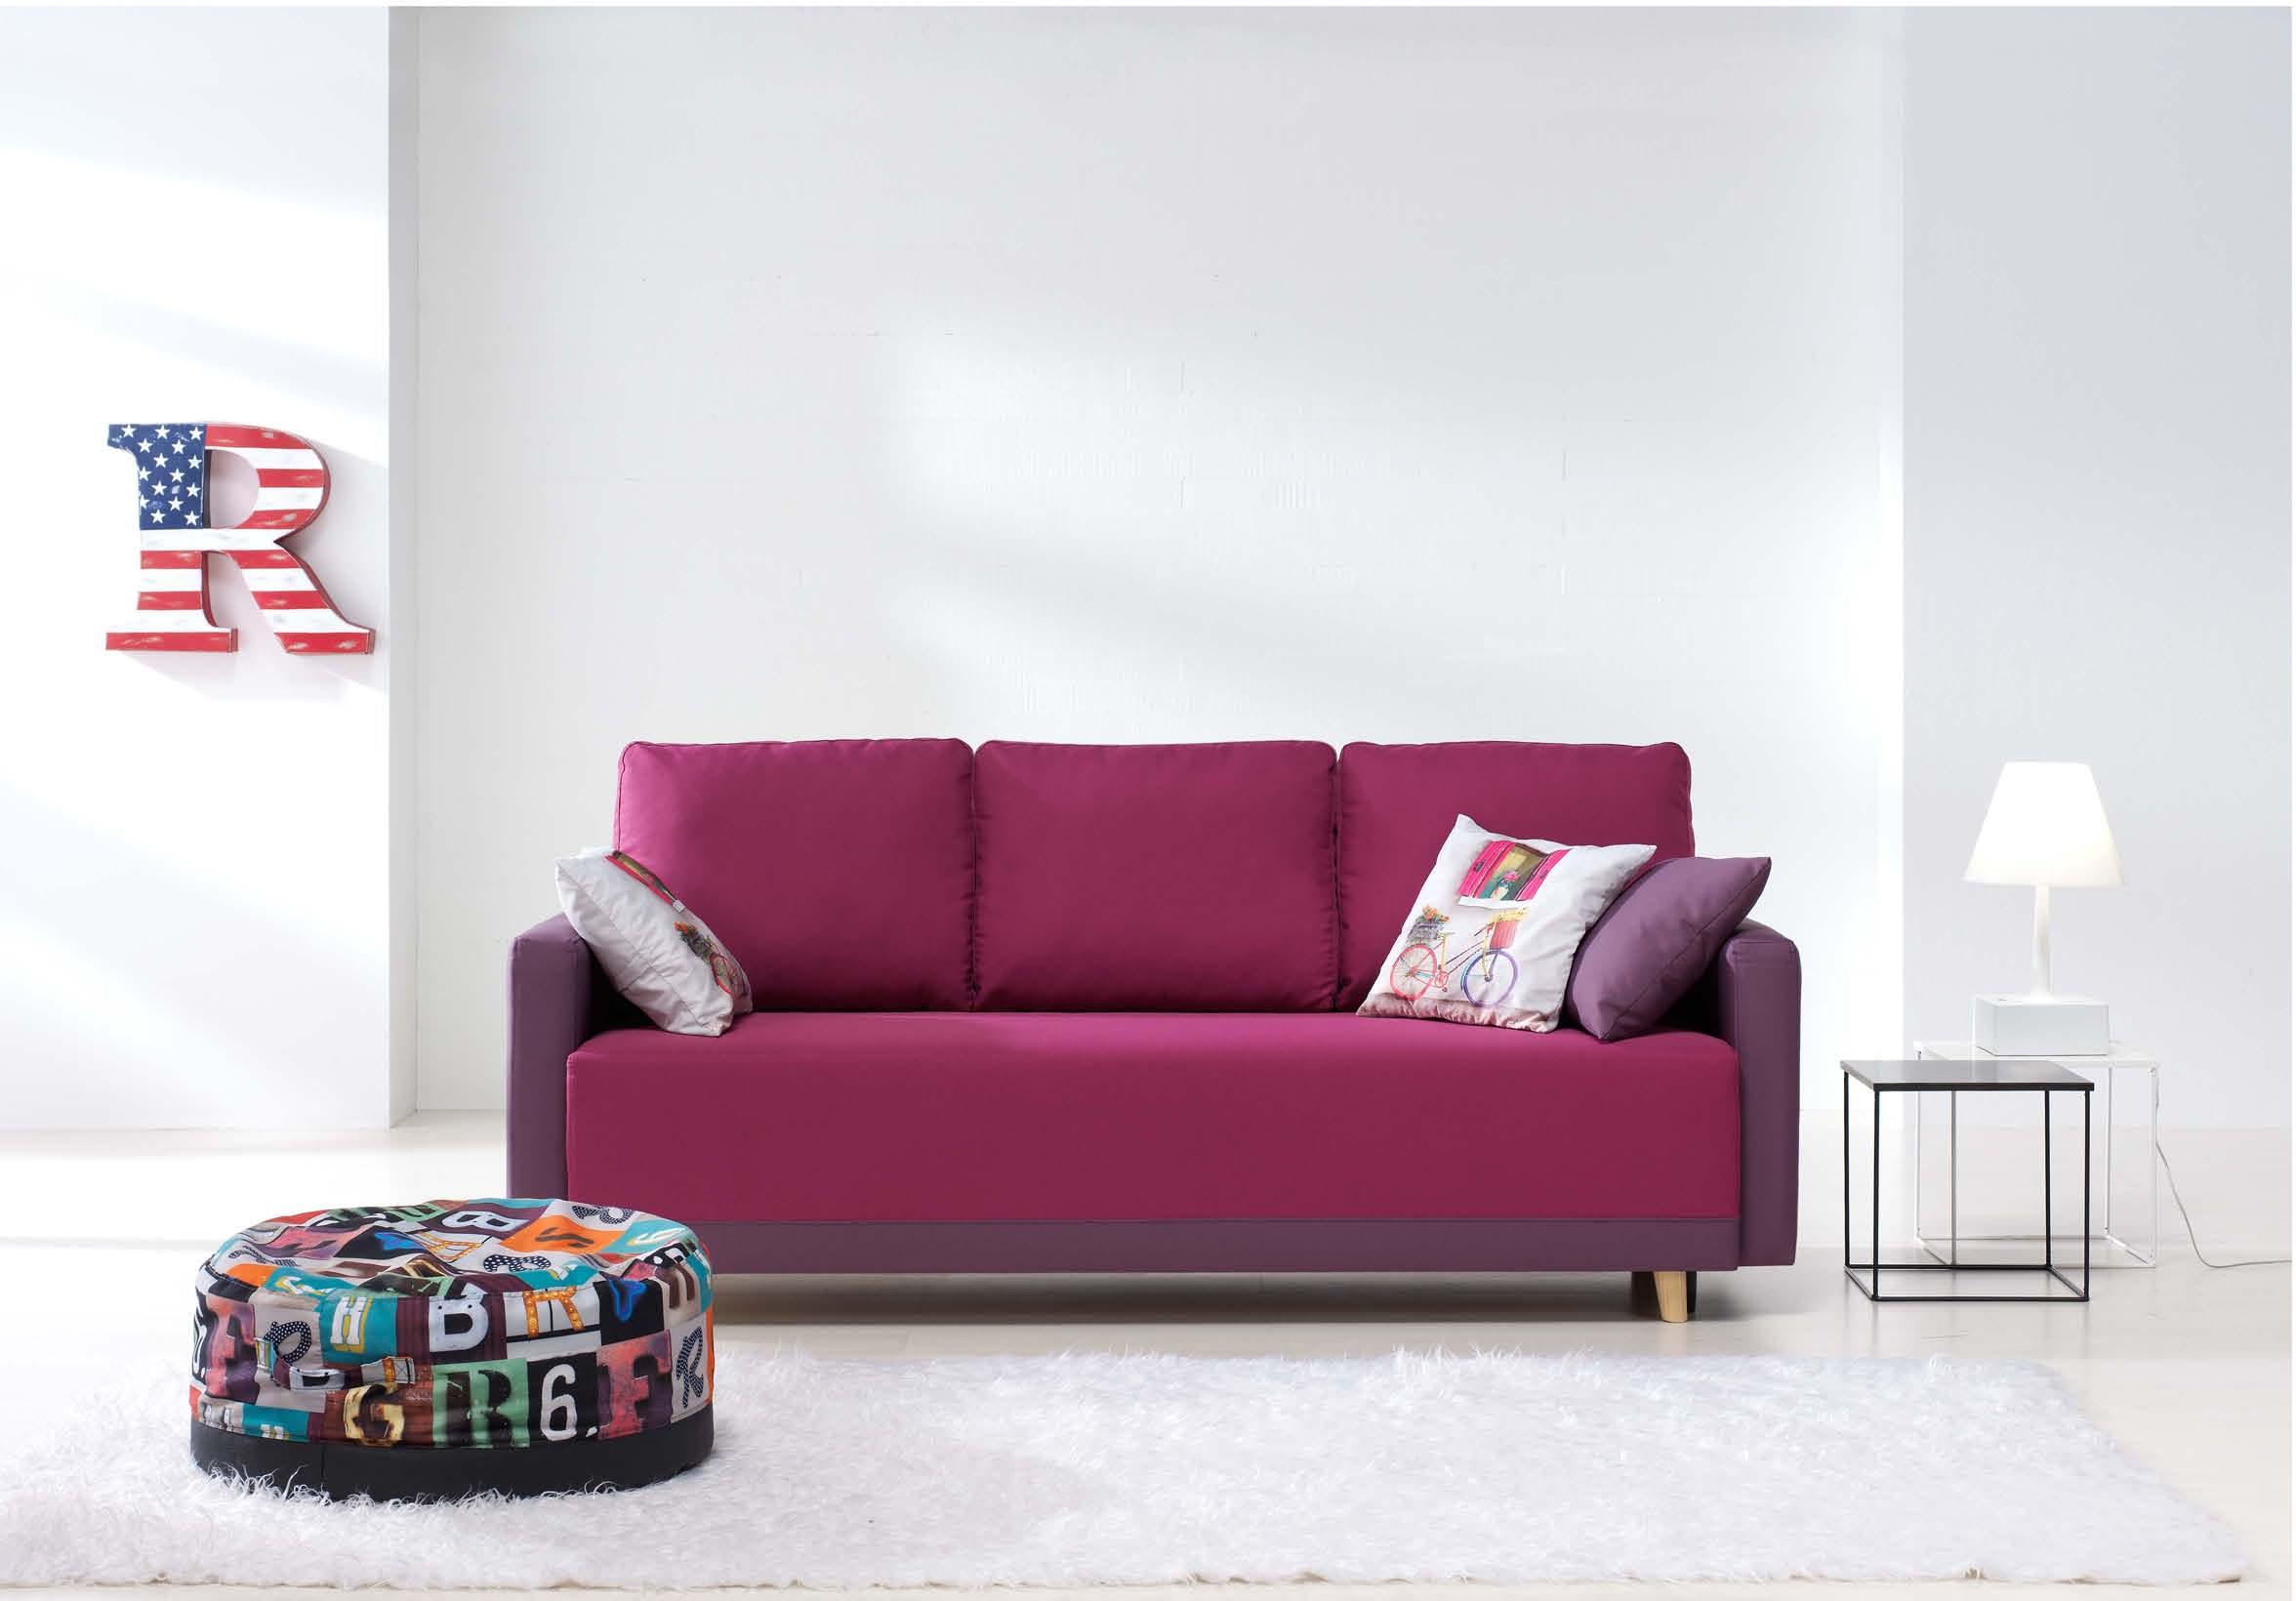 Sof cama estilo juvenil muebles adama tienda de muebles for Sofa cama para habitacion juvenil